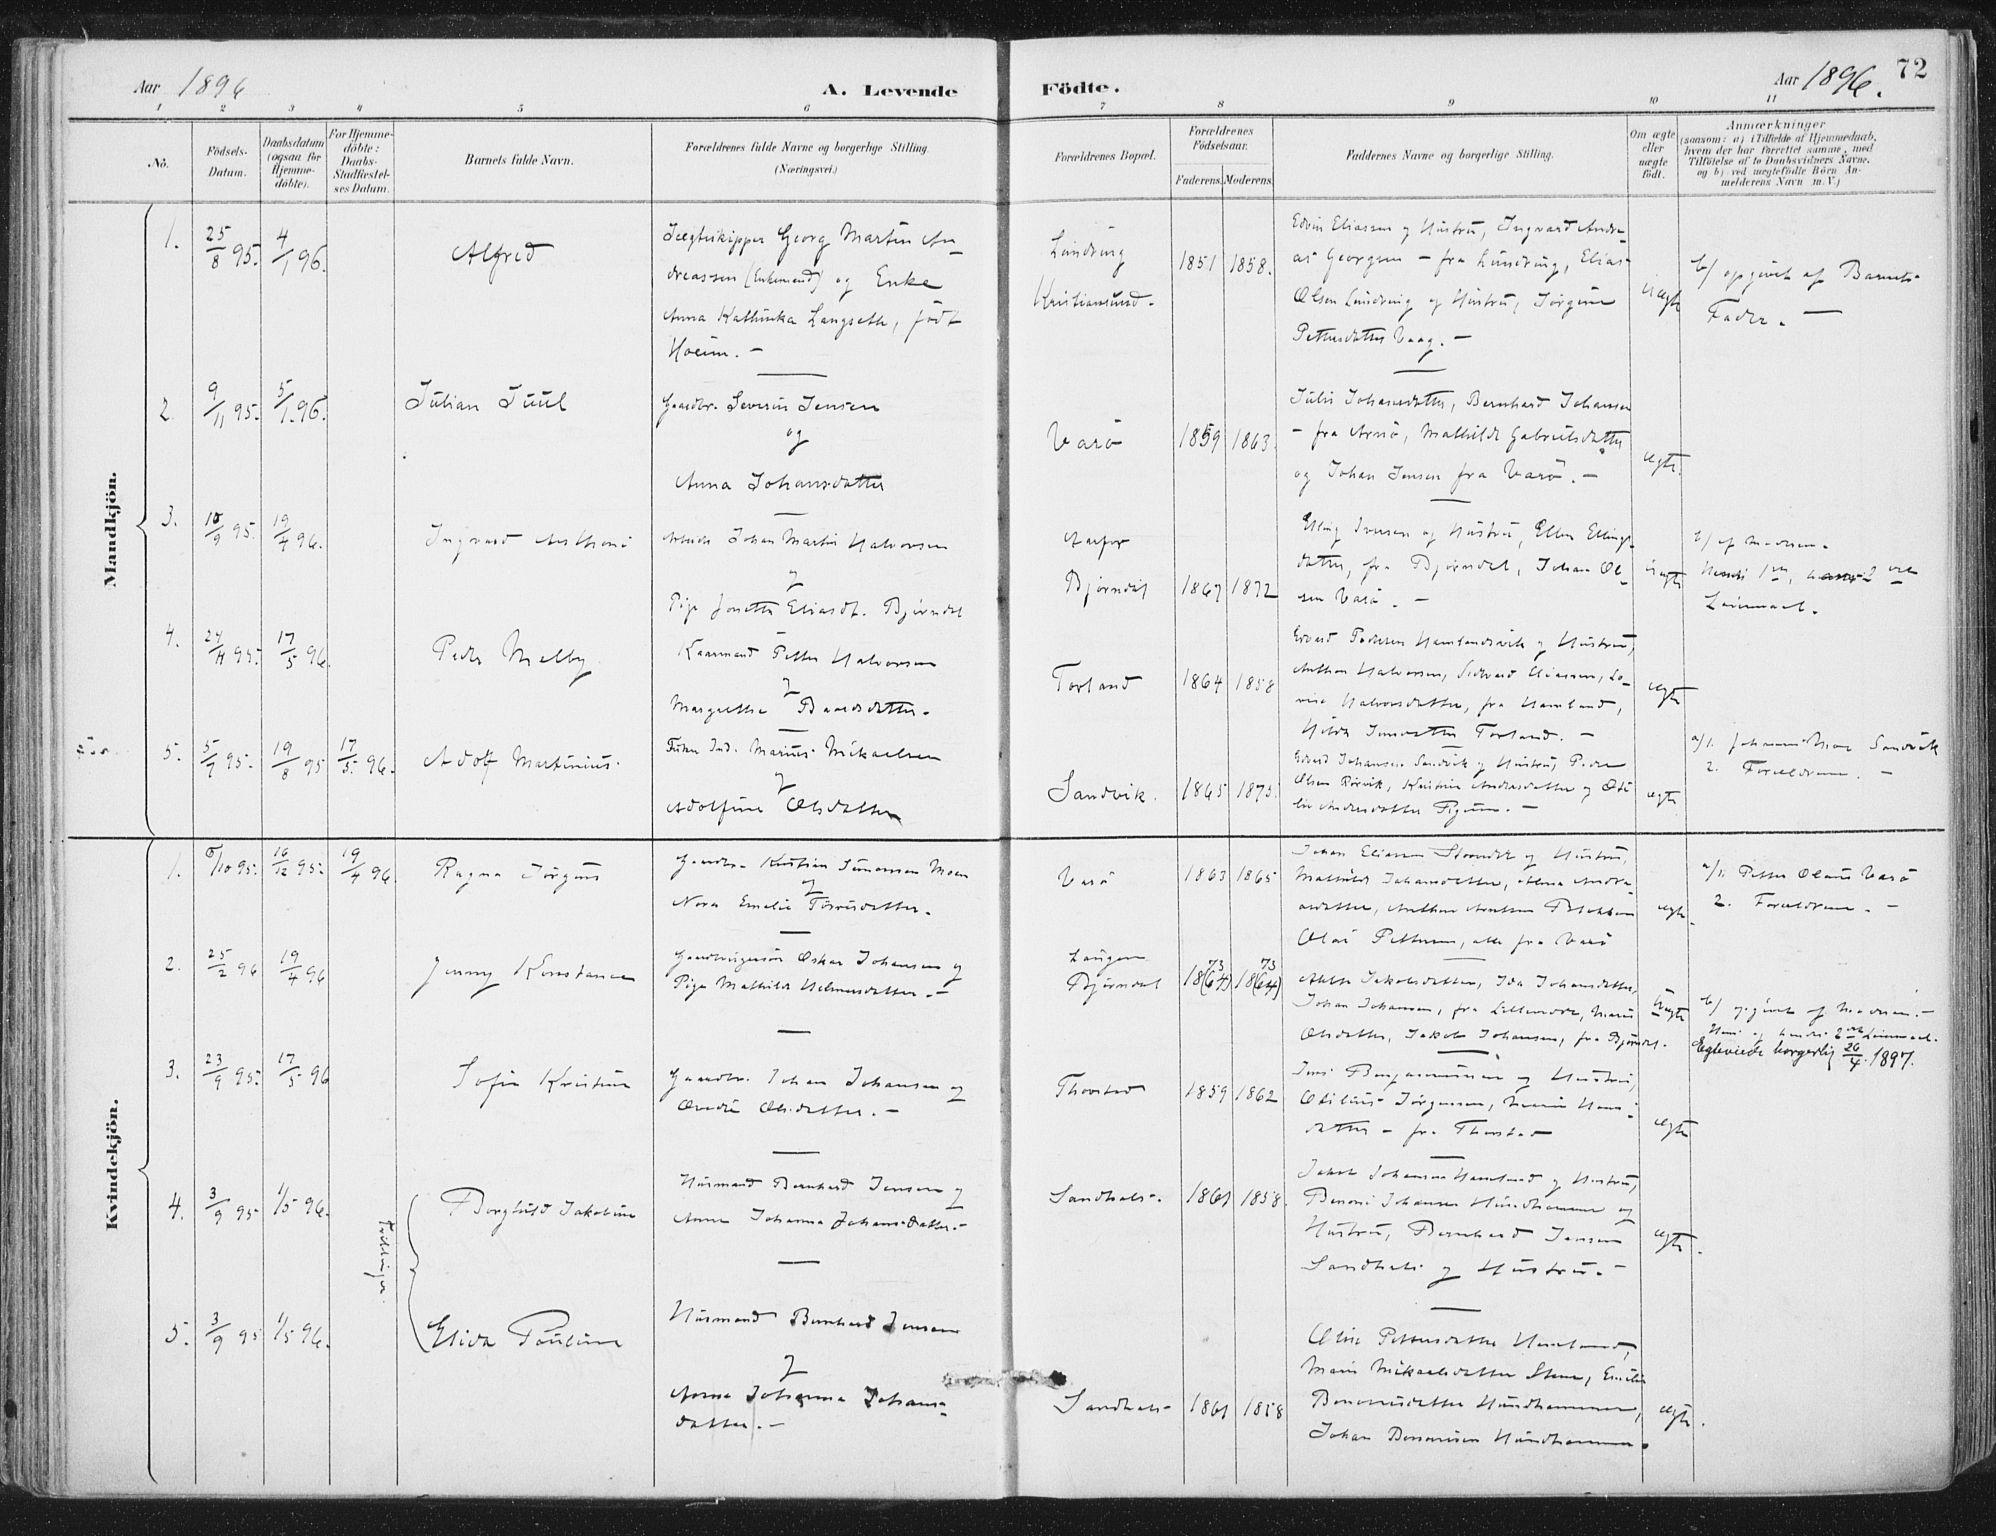 SAT, Ministerialprotokoller, klokkerbøker og fødselsregistre - Nord-Trøndelag, 784/L0673: Ministerialbok nr. 784A08, 1888-1899, s. 72